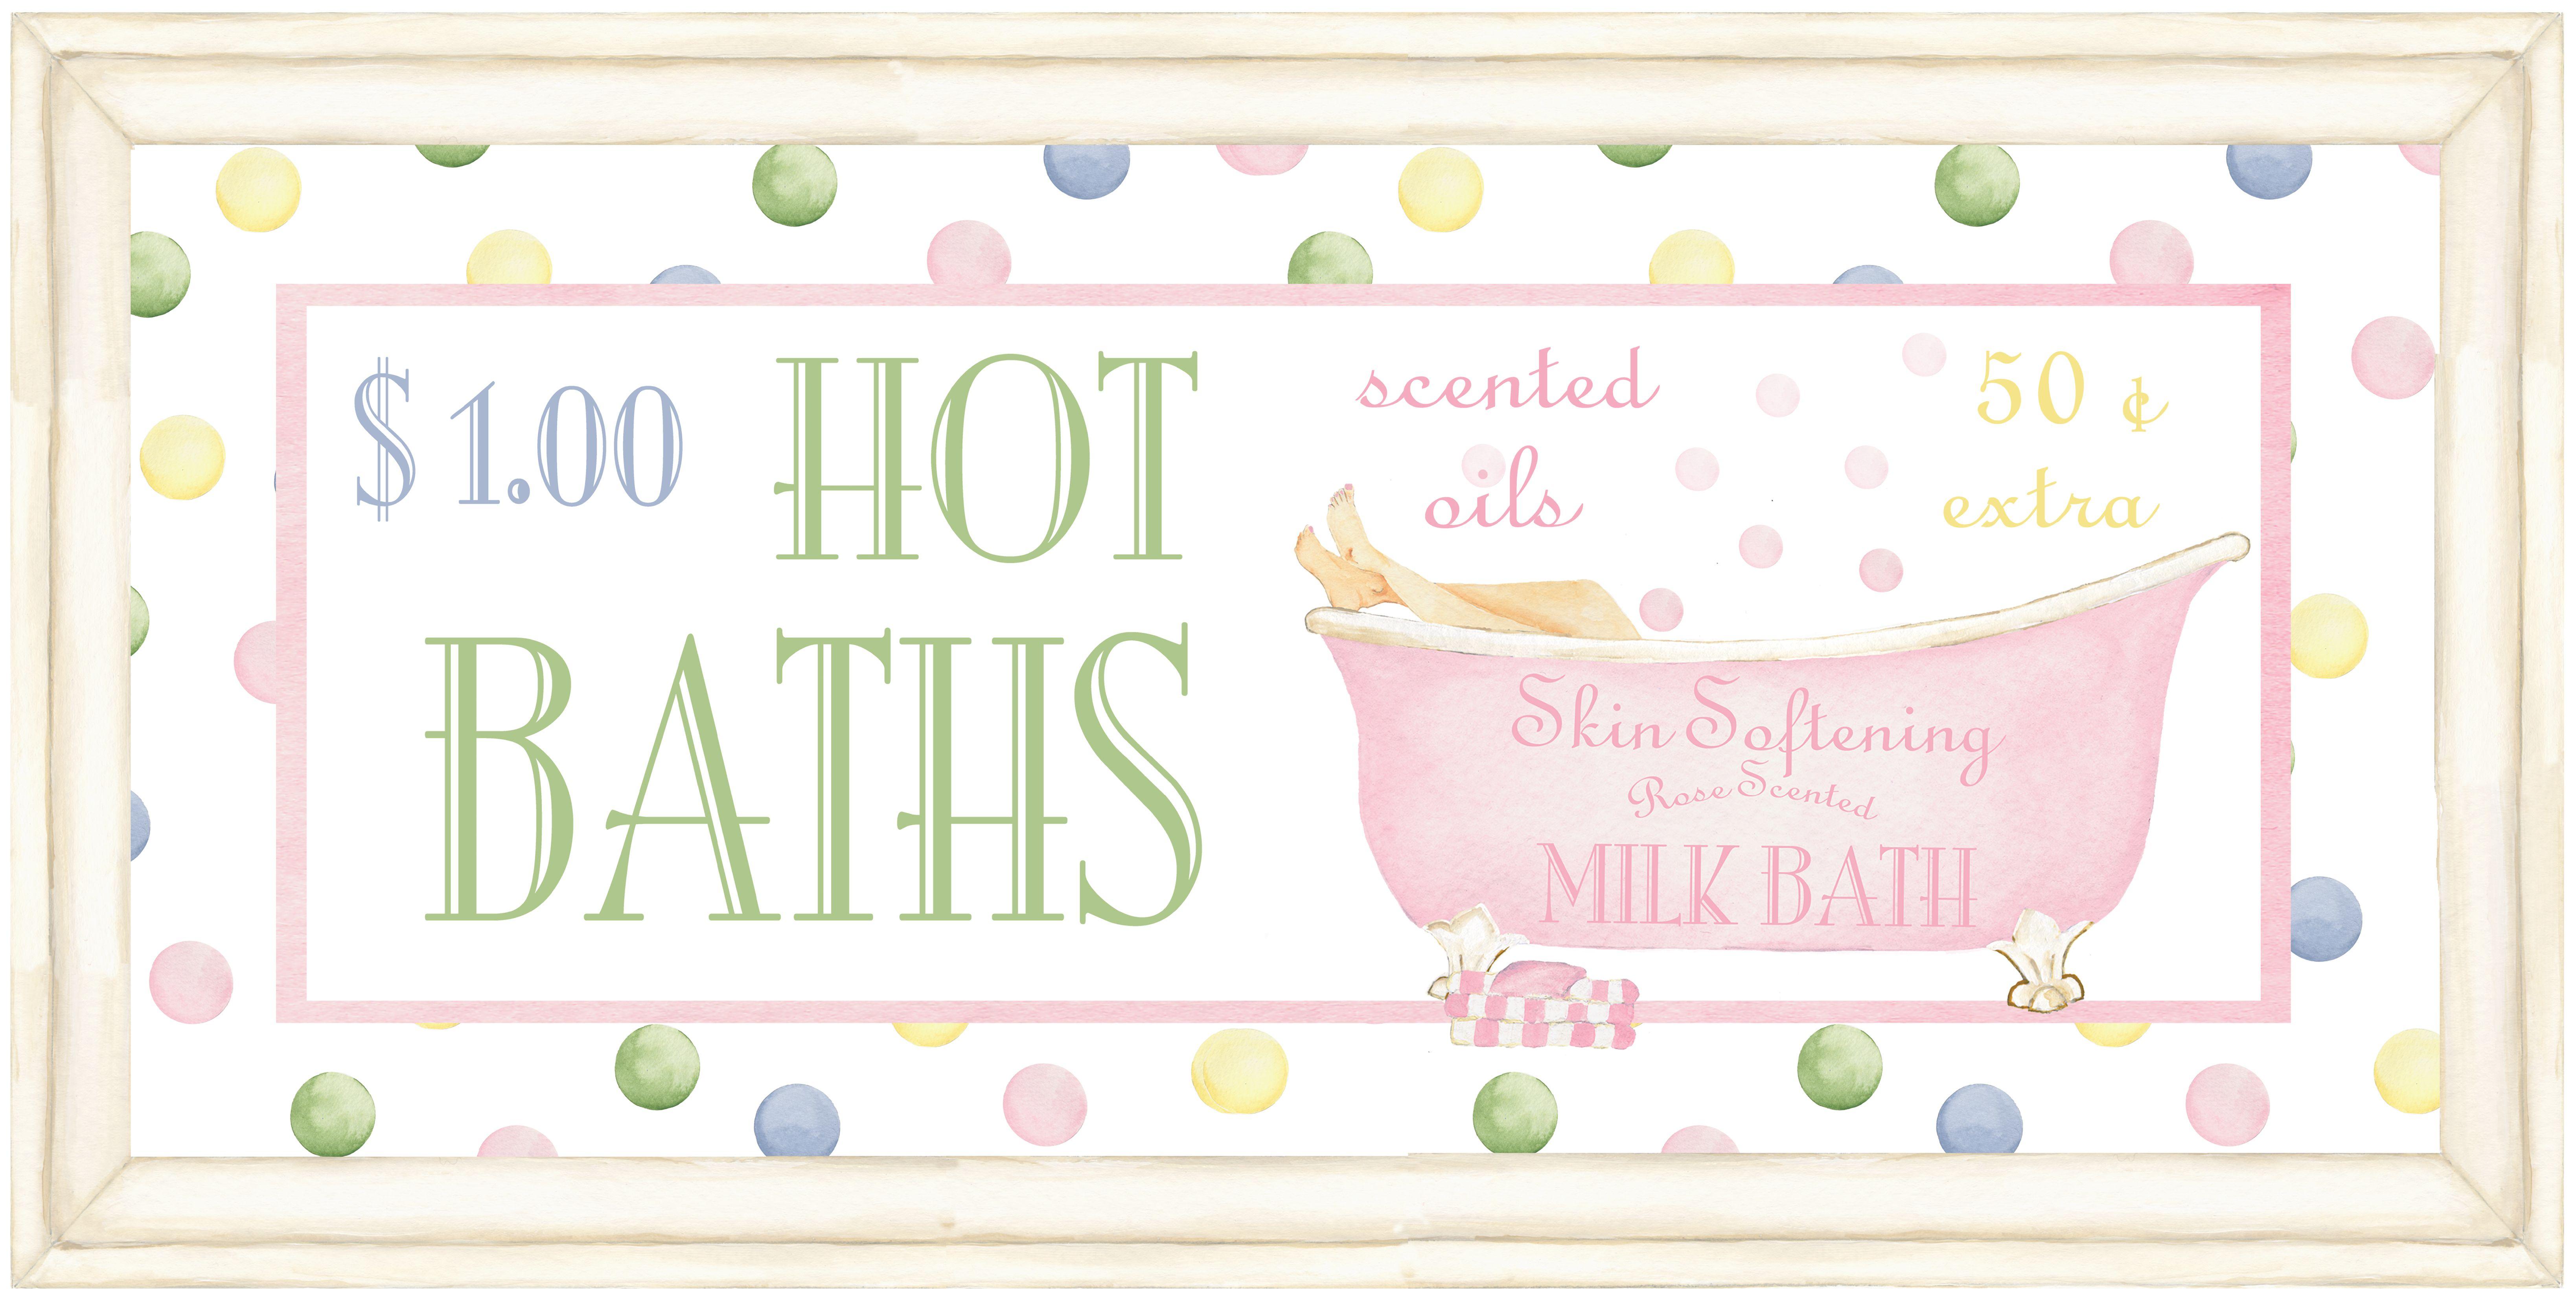 MILK BATHS BY KATHY HATCH